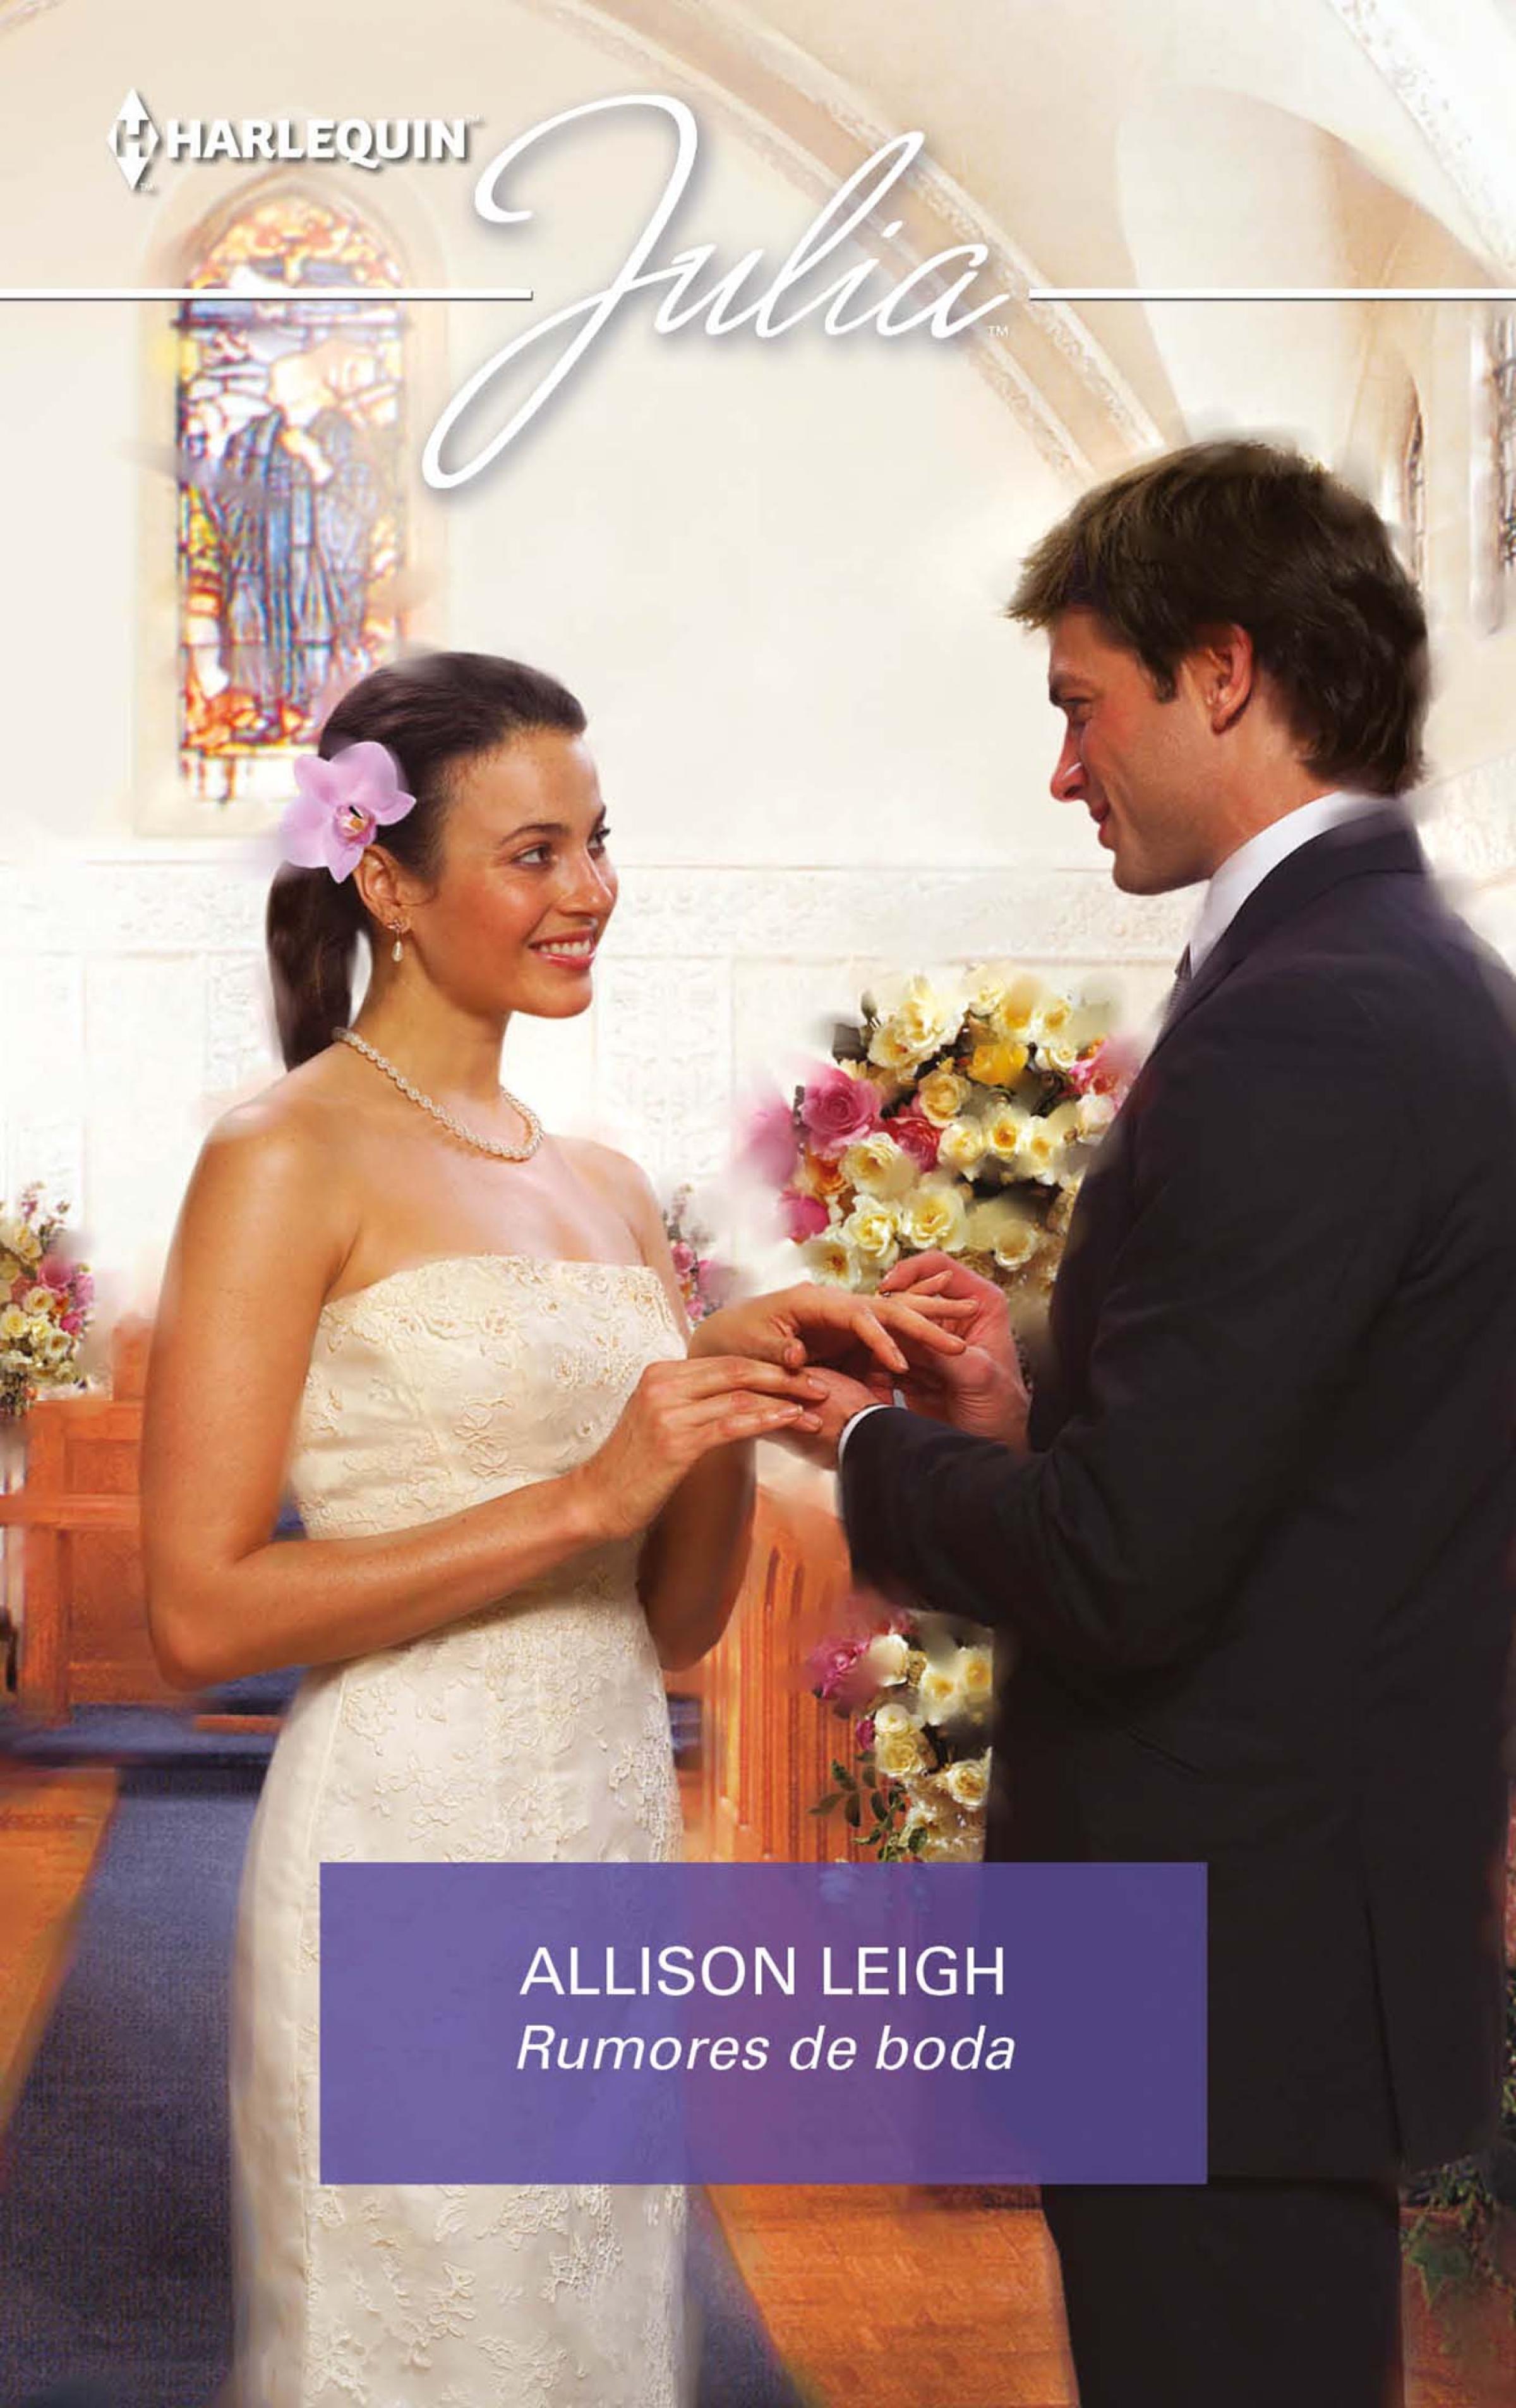 Allison Leigh Rumores de boda allison leigh un destino de fortuna